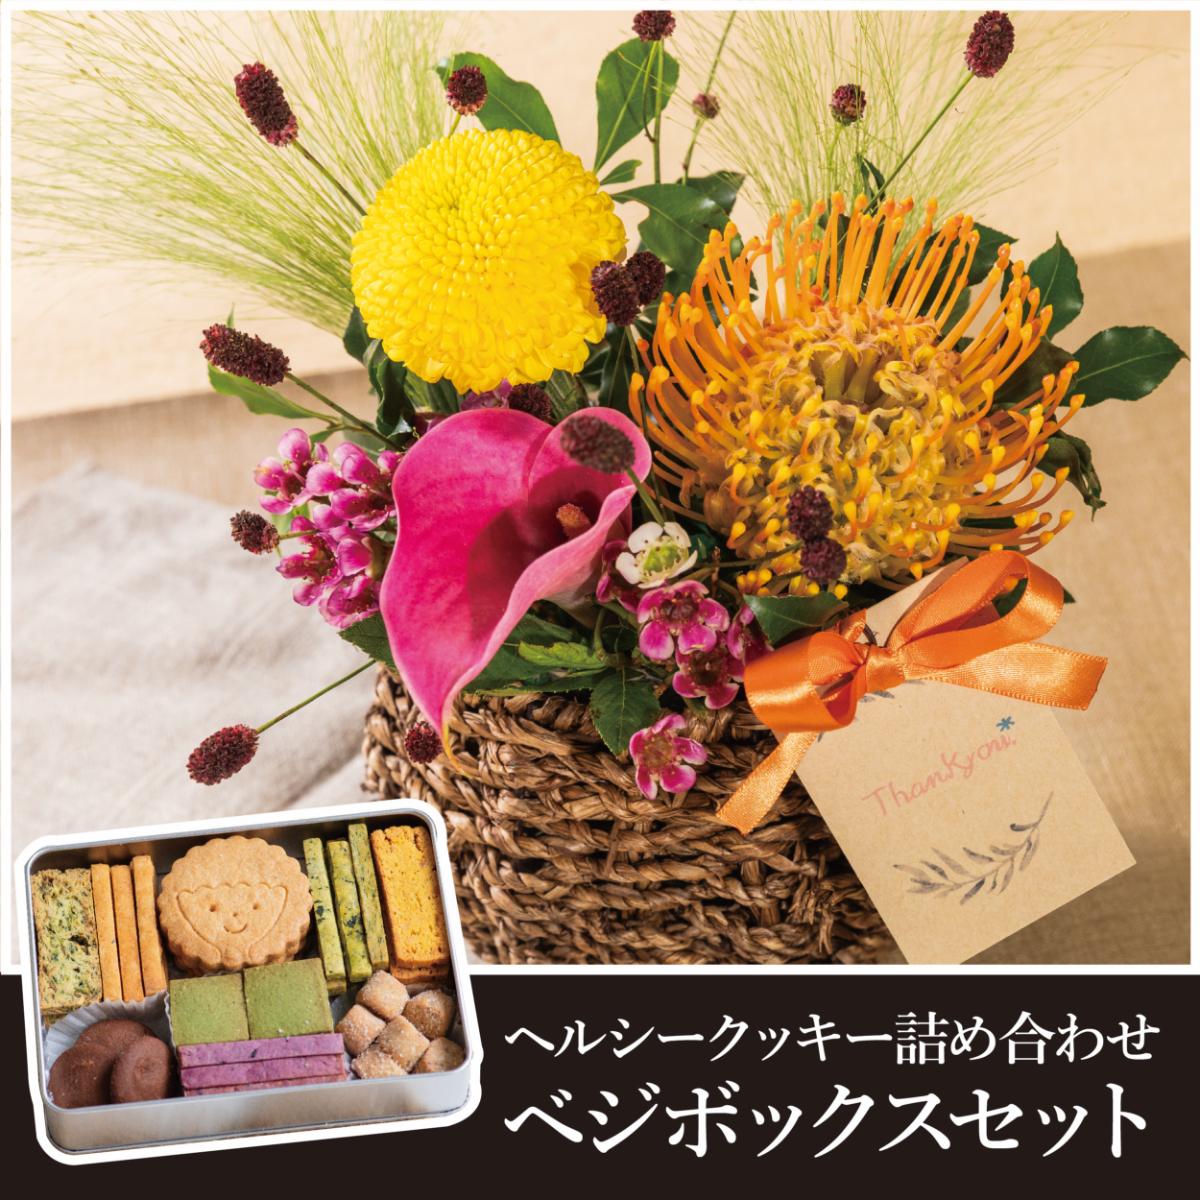 【敬老の日限定販売】生花アレンジメントpetit+ベジボックス